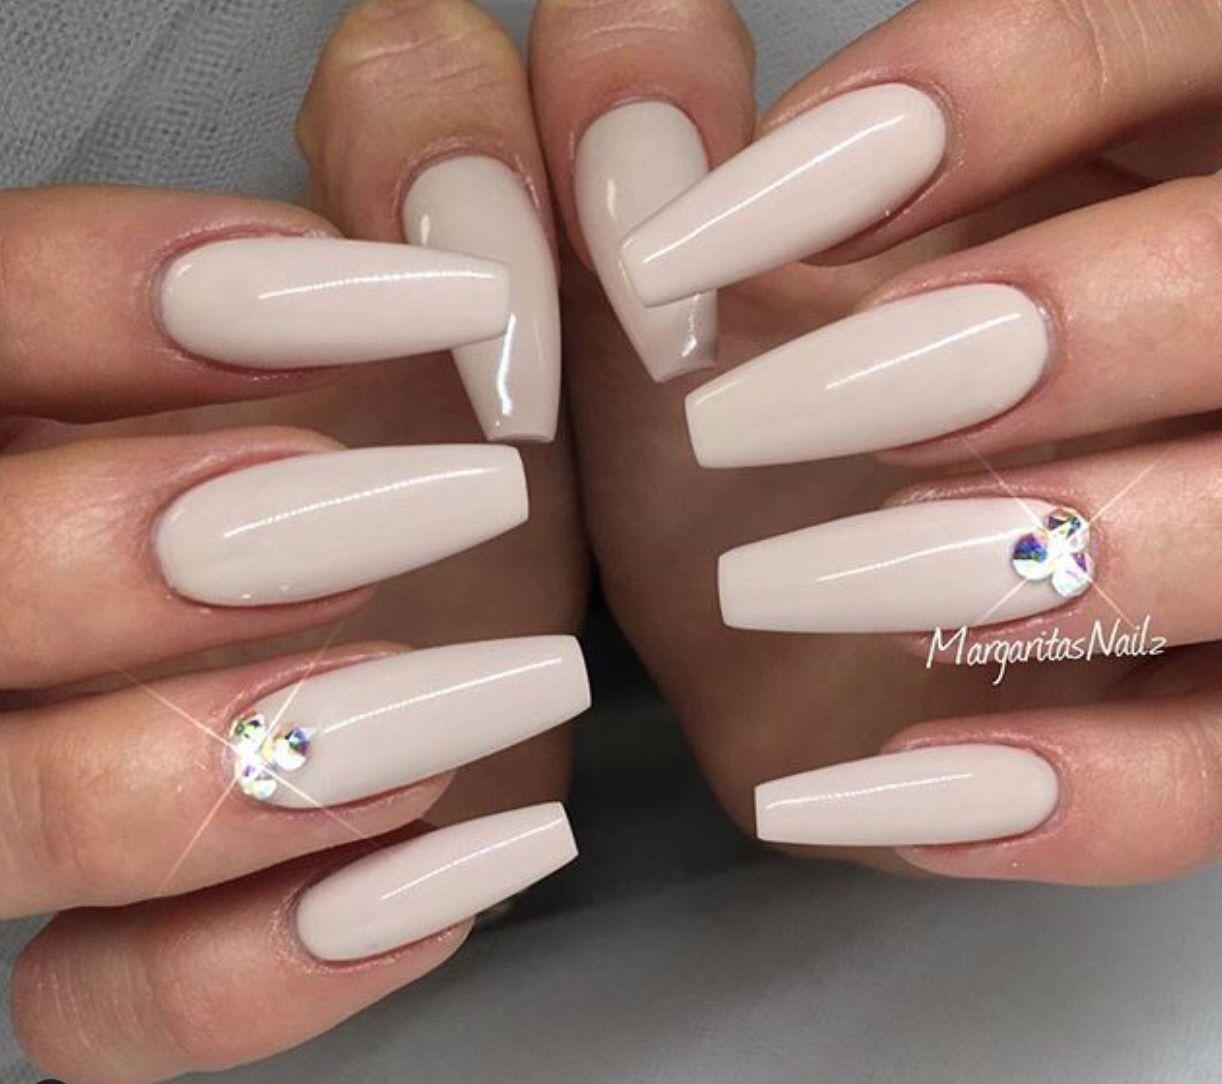 Nude Coffin Nails - ballerina nails | Pinterest - Nagel, Gelnagels ...